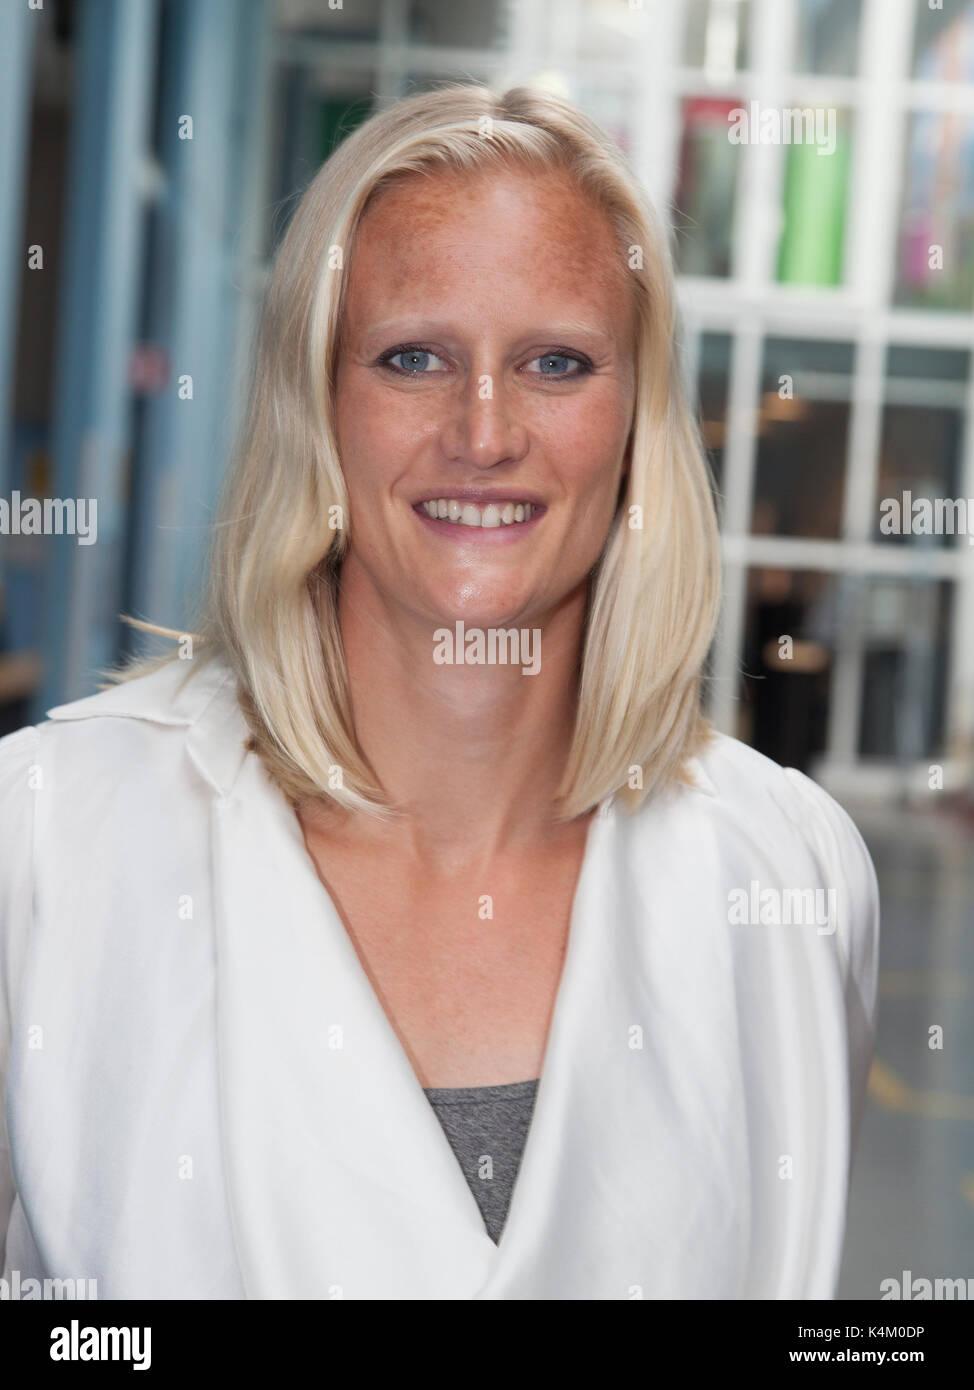 CAROLINA KLÜFT Swedish heptathlon athlete and television host 2017 - Stock Image